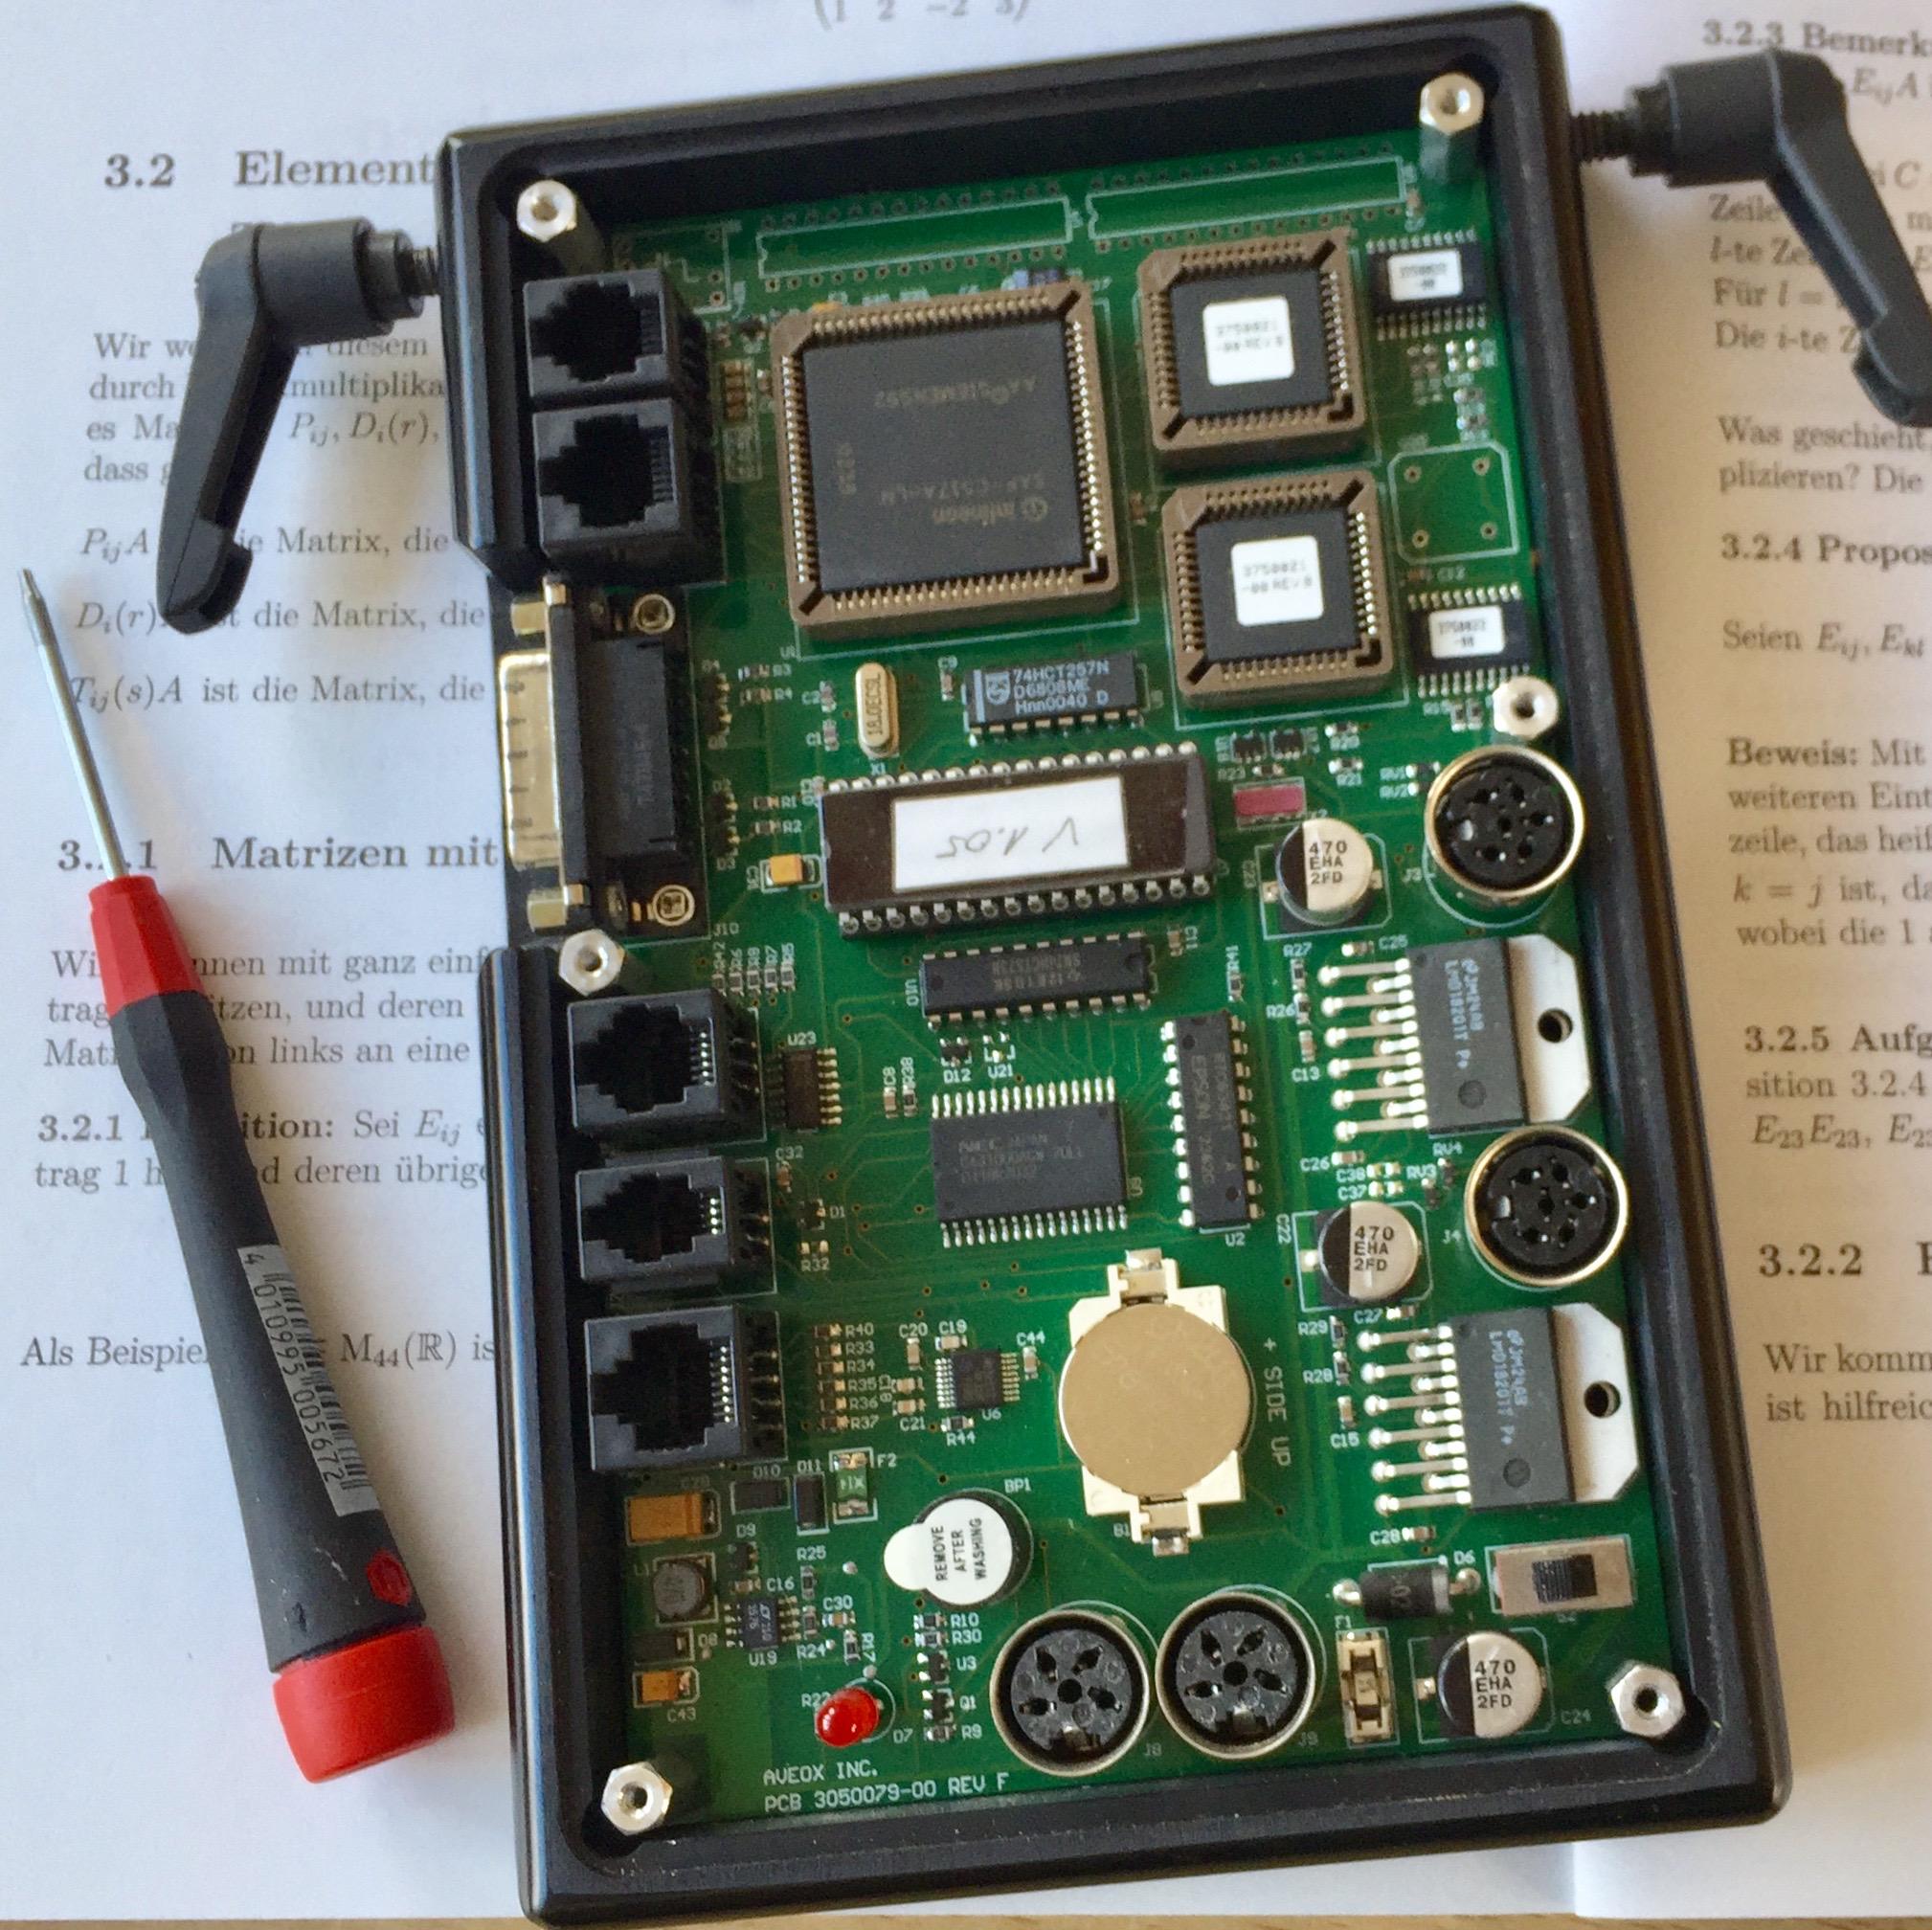 Geöffnete Losmandy G11 Gemini Steuerung. Die CR2032 Batterie befindet sich mittig, unten.